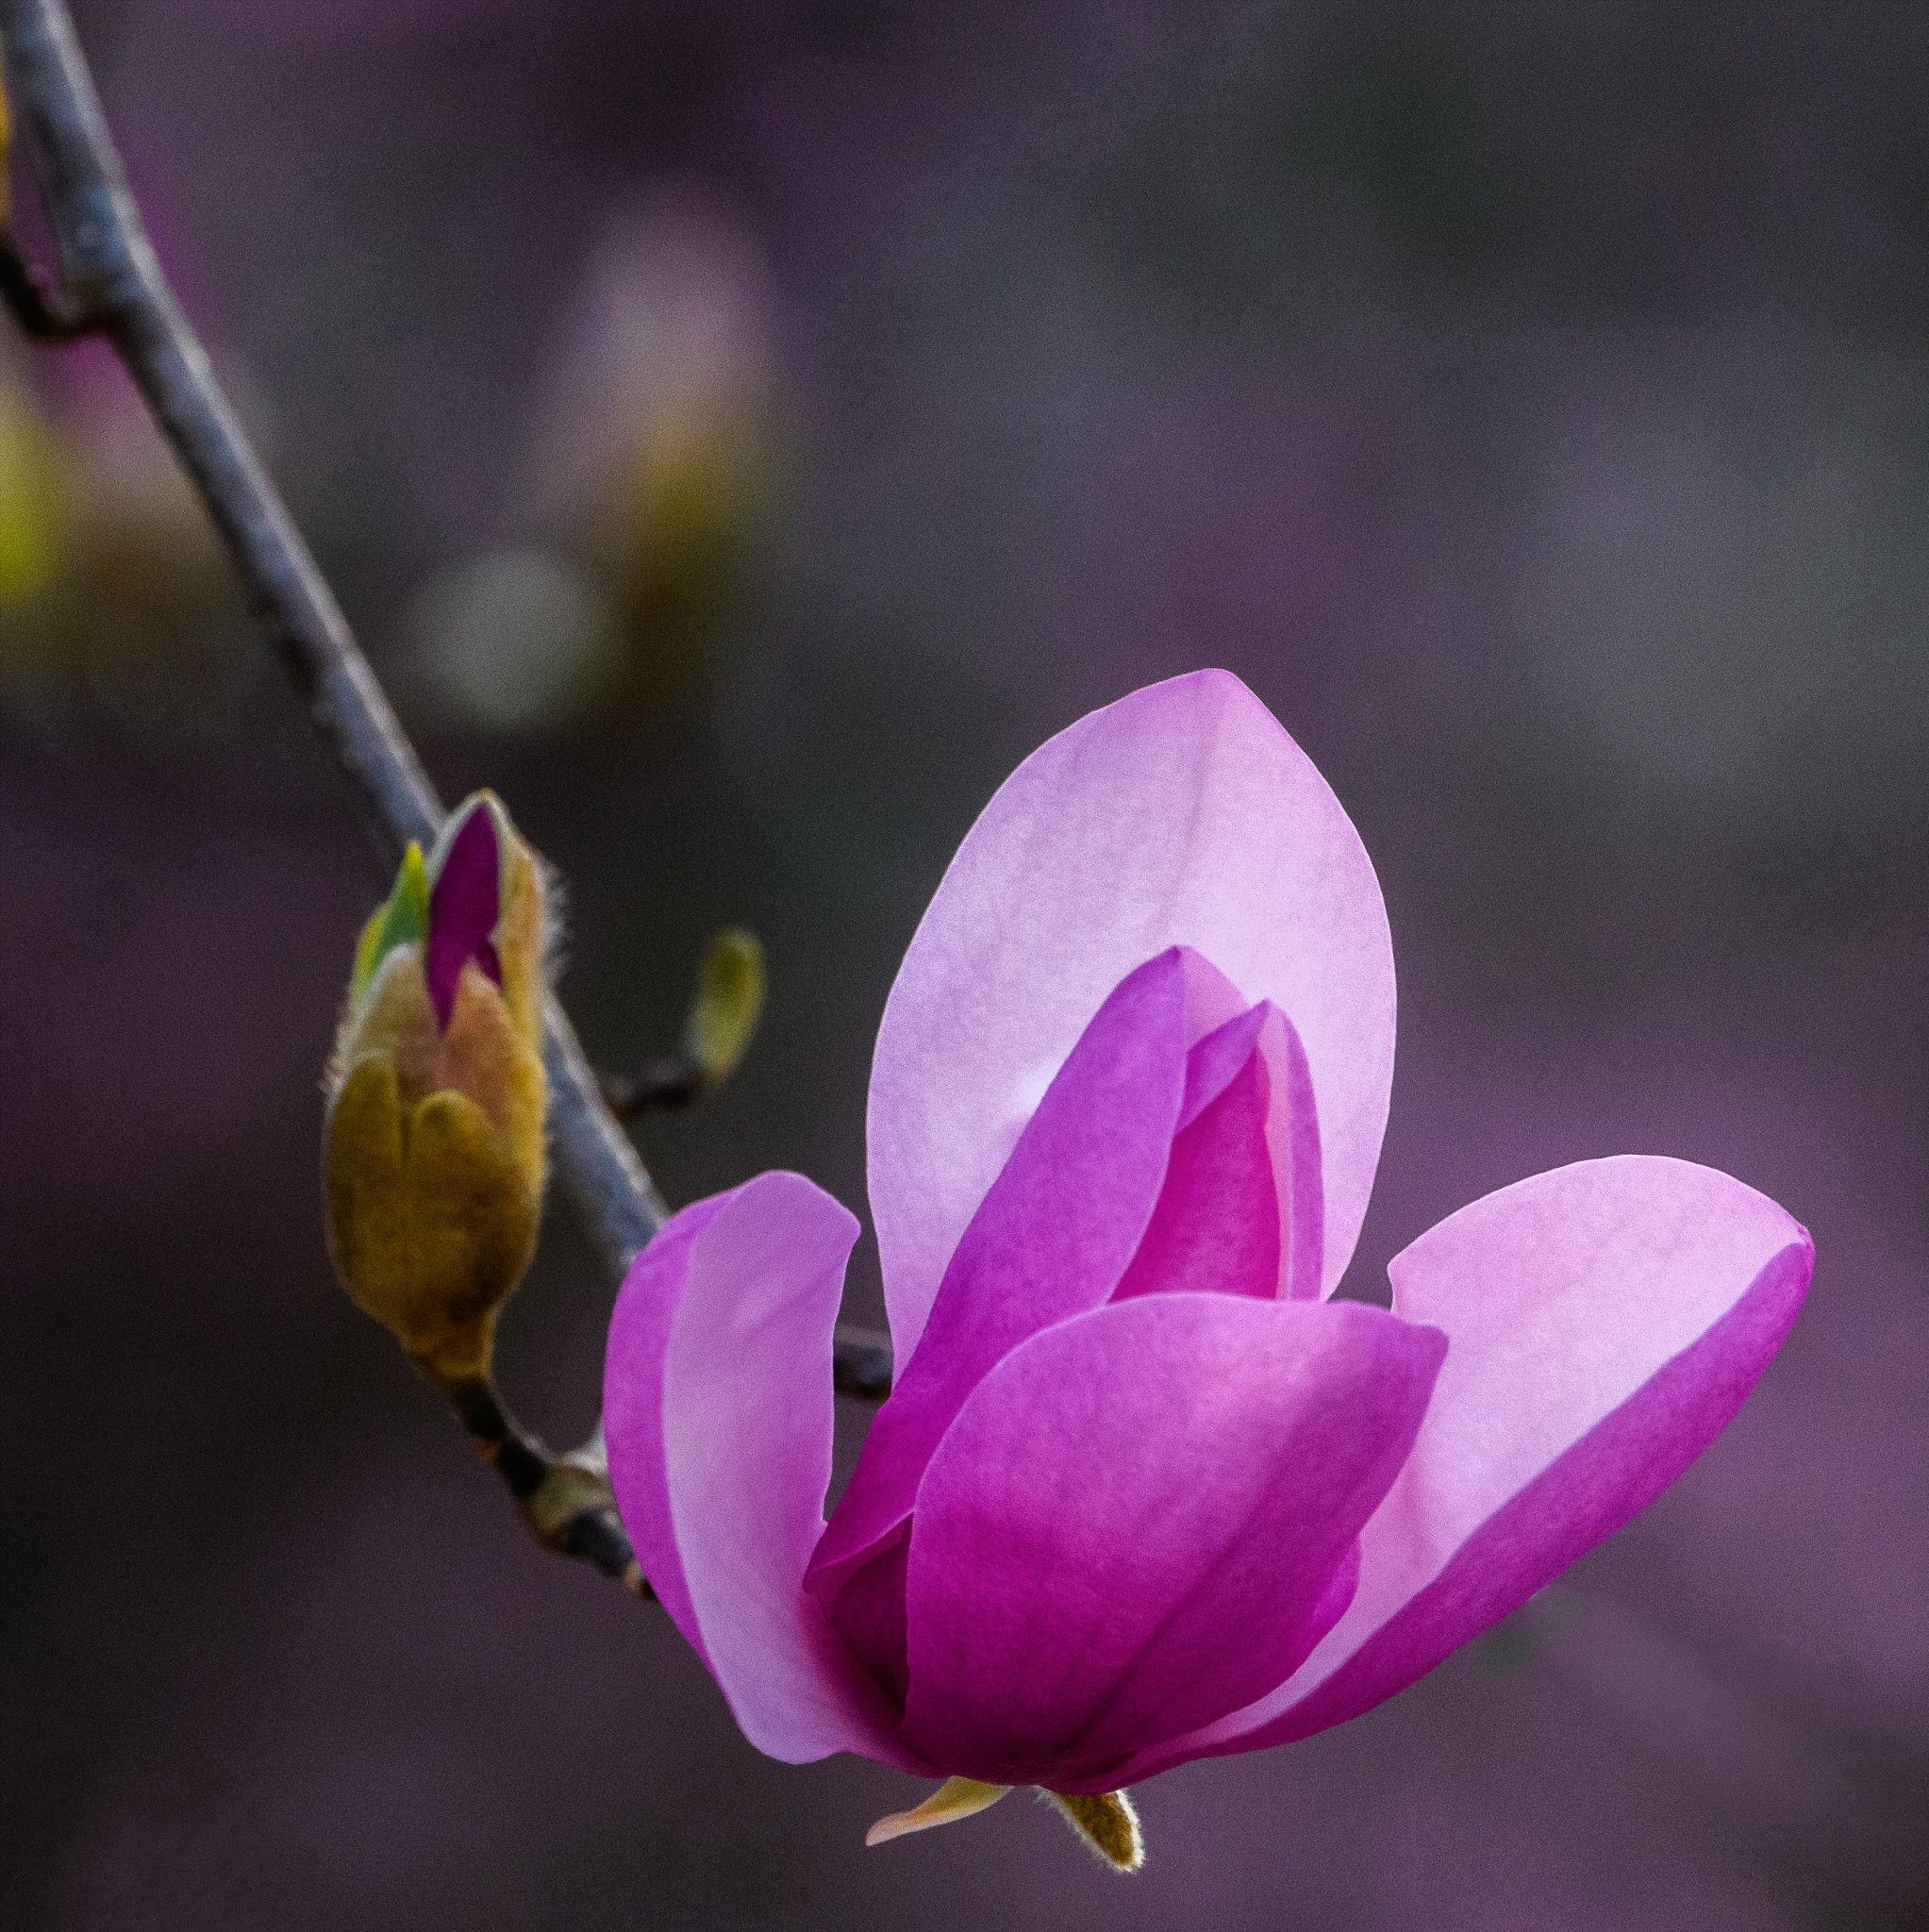 Spring Awakening by Steve Director